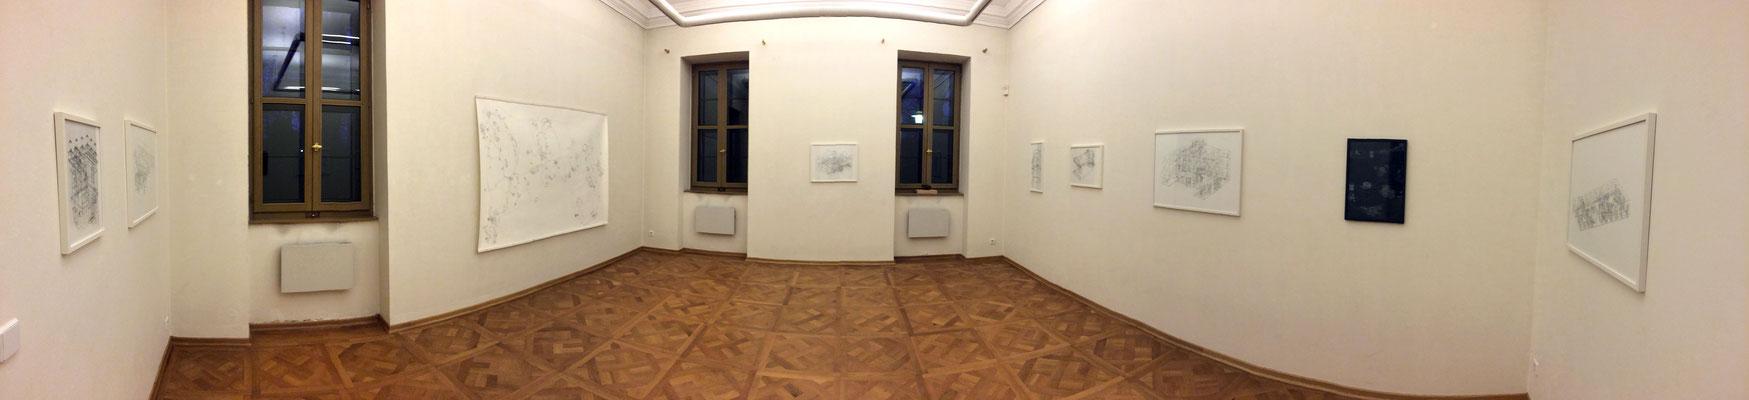 Georgium . 2020 . Ausstellungsansicht . Anhaltische Gemäldegalerie Dessau Graphische Sammlung